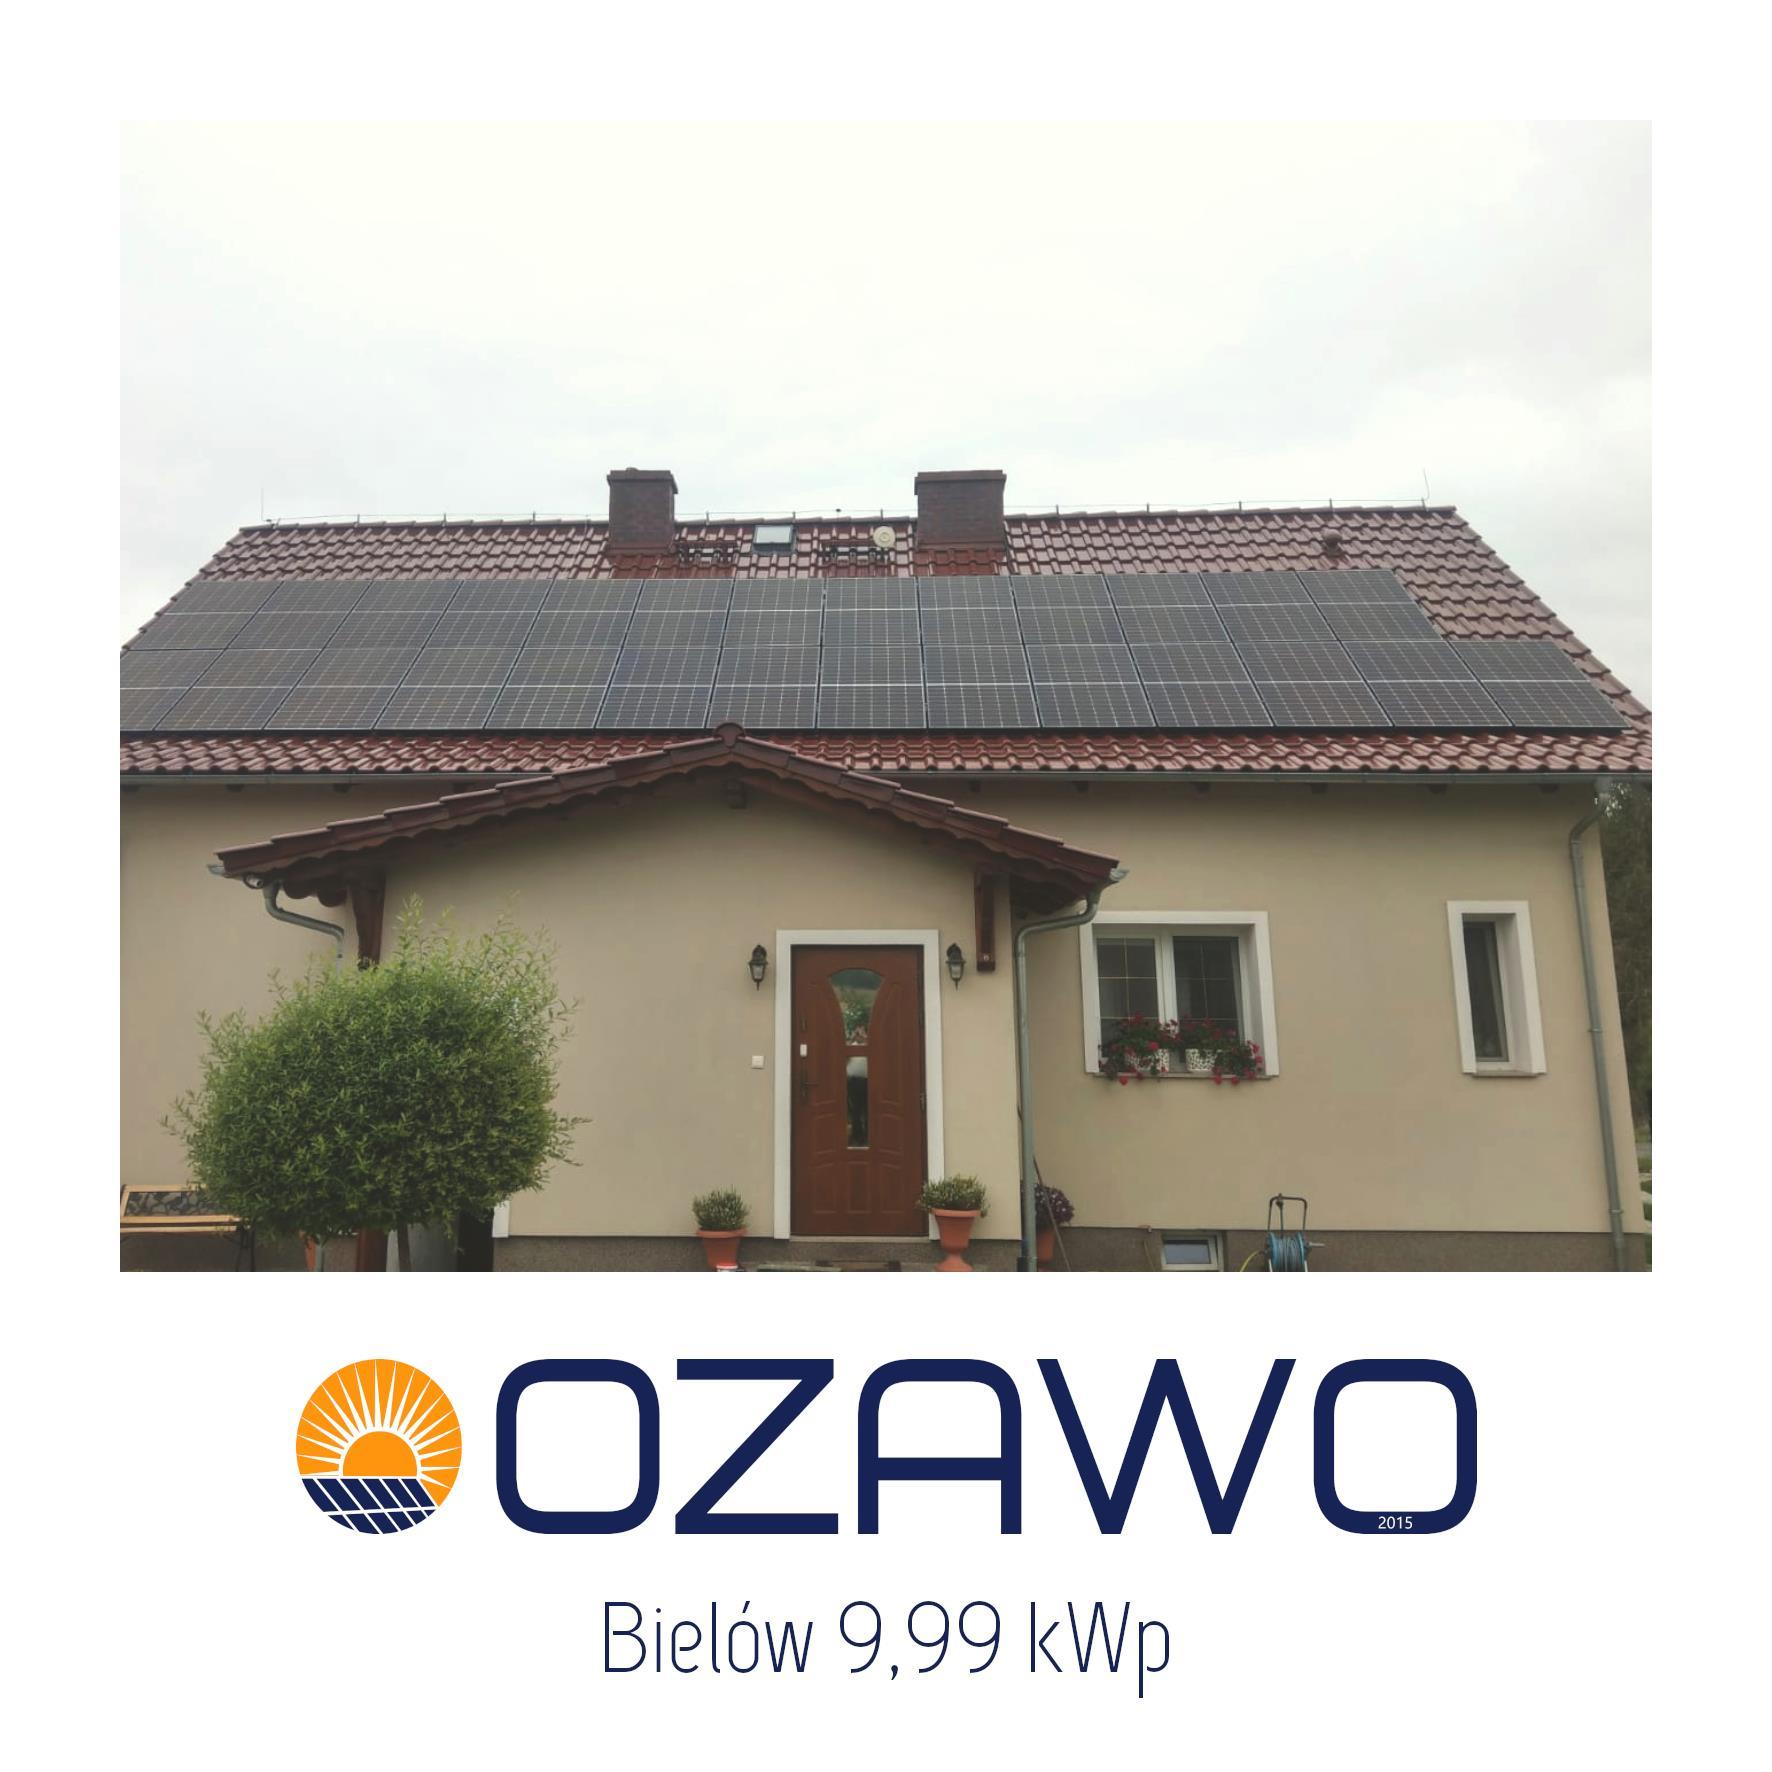 Bielów 9,99 kWp